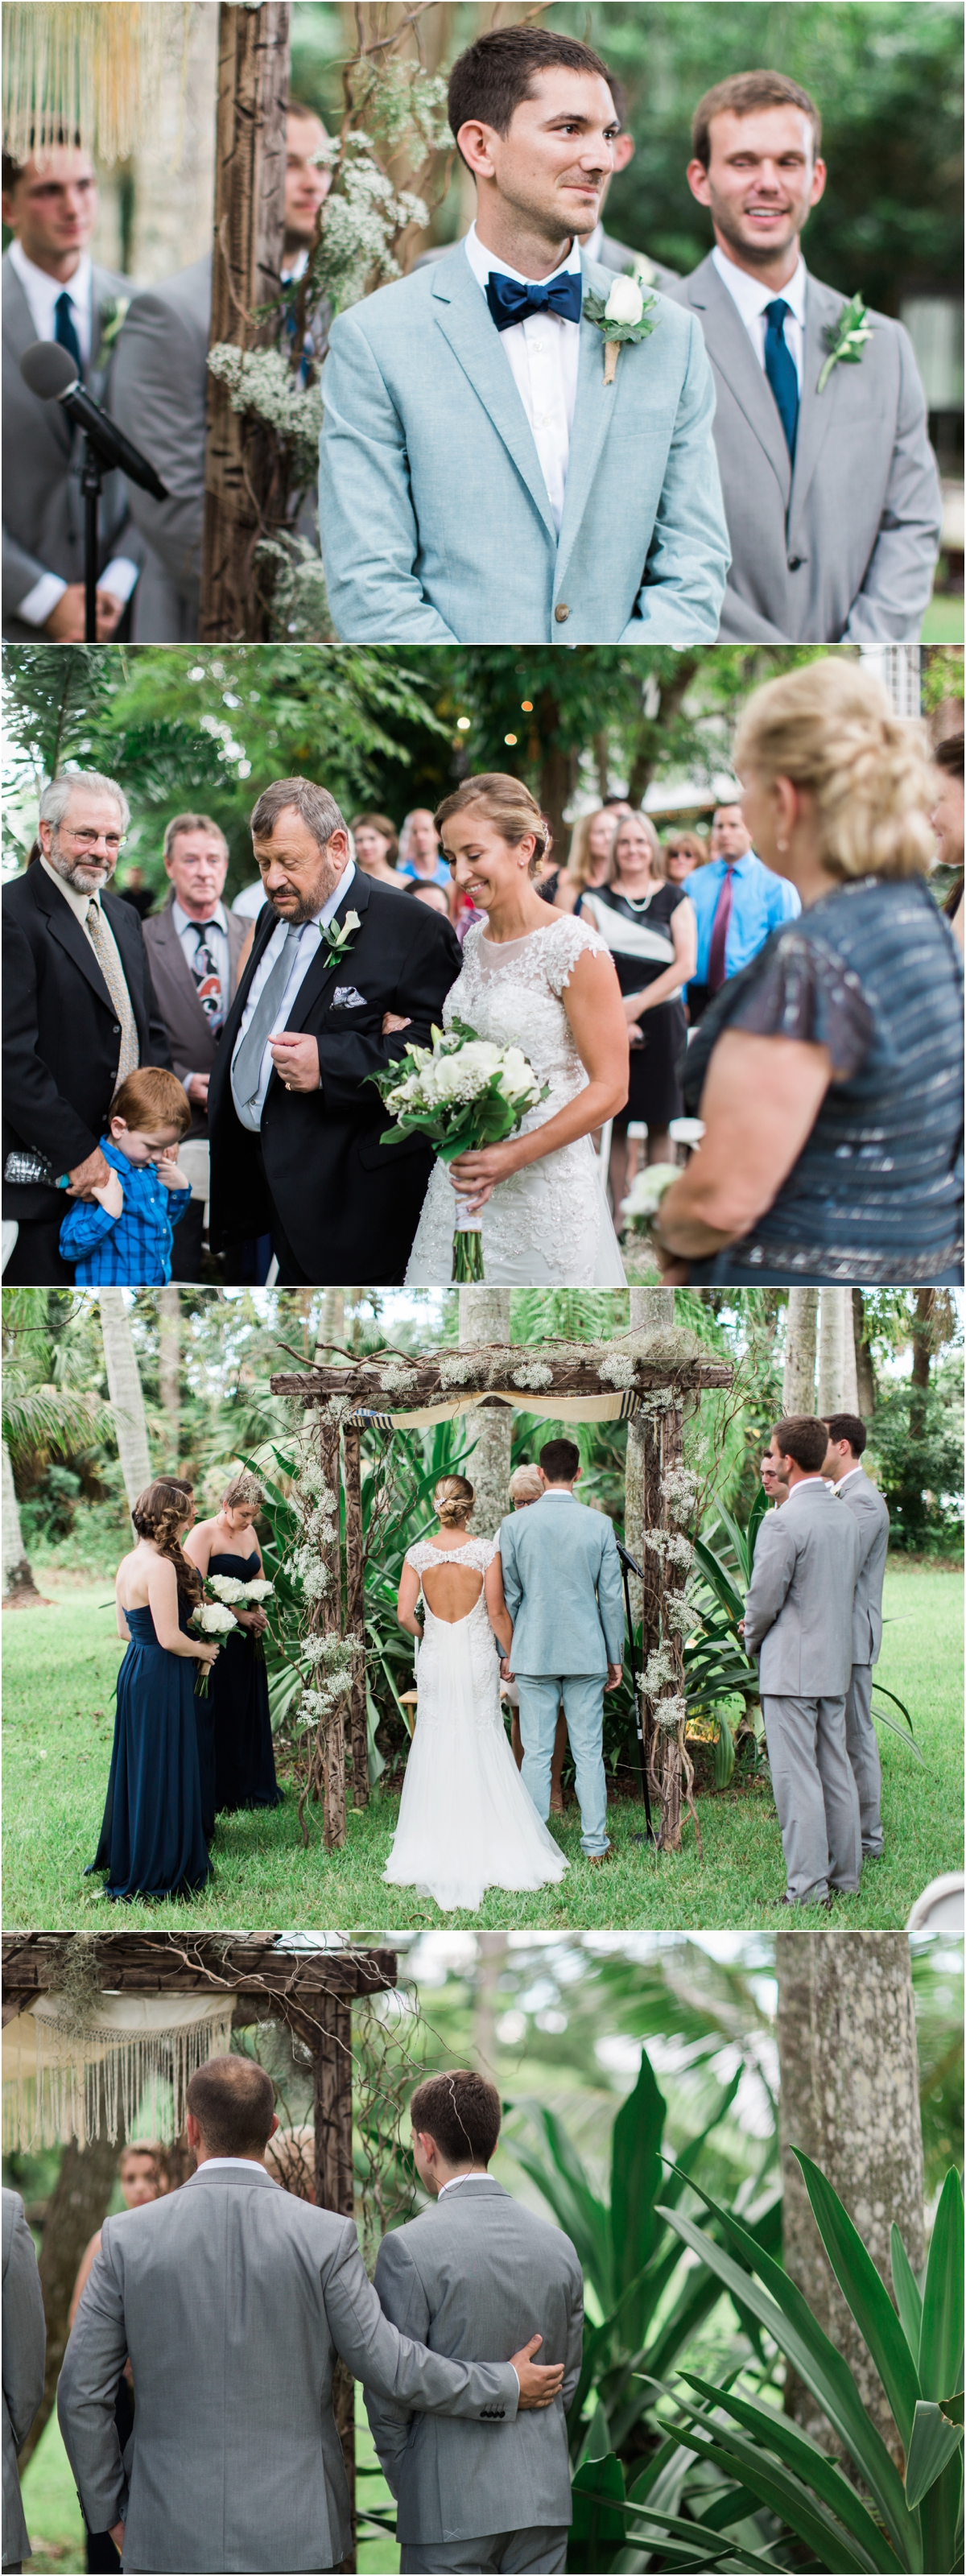 Waldos-Secret-Garden-Wedding-Photos-Vero_0010